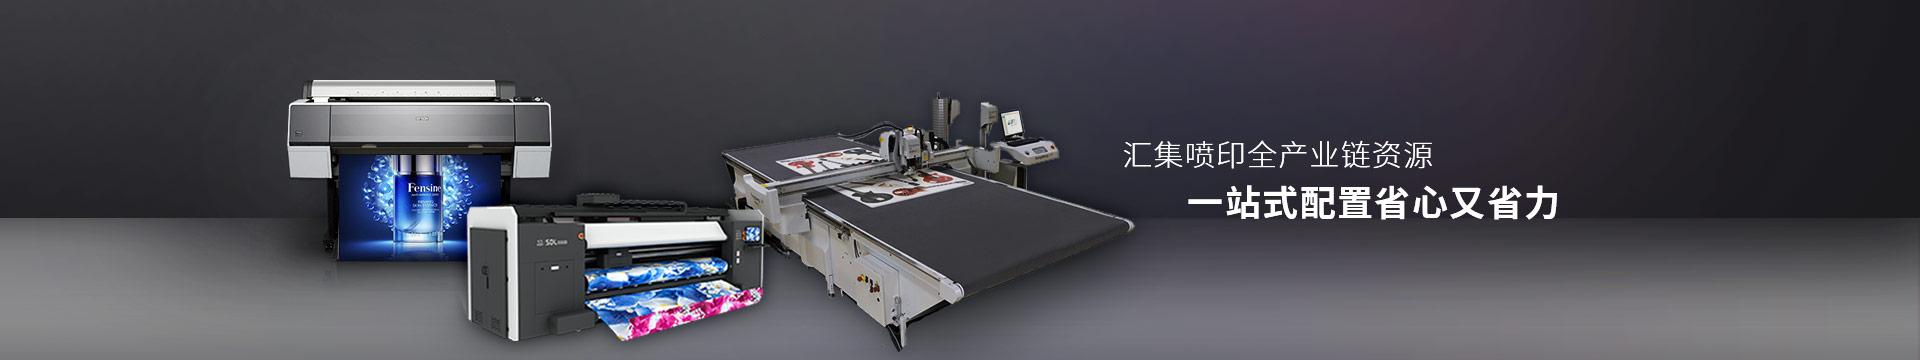 上海策天-汇集喷印全产业链资源,一站式配置省心又省力